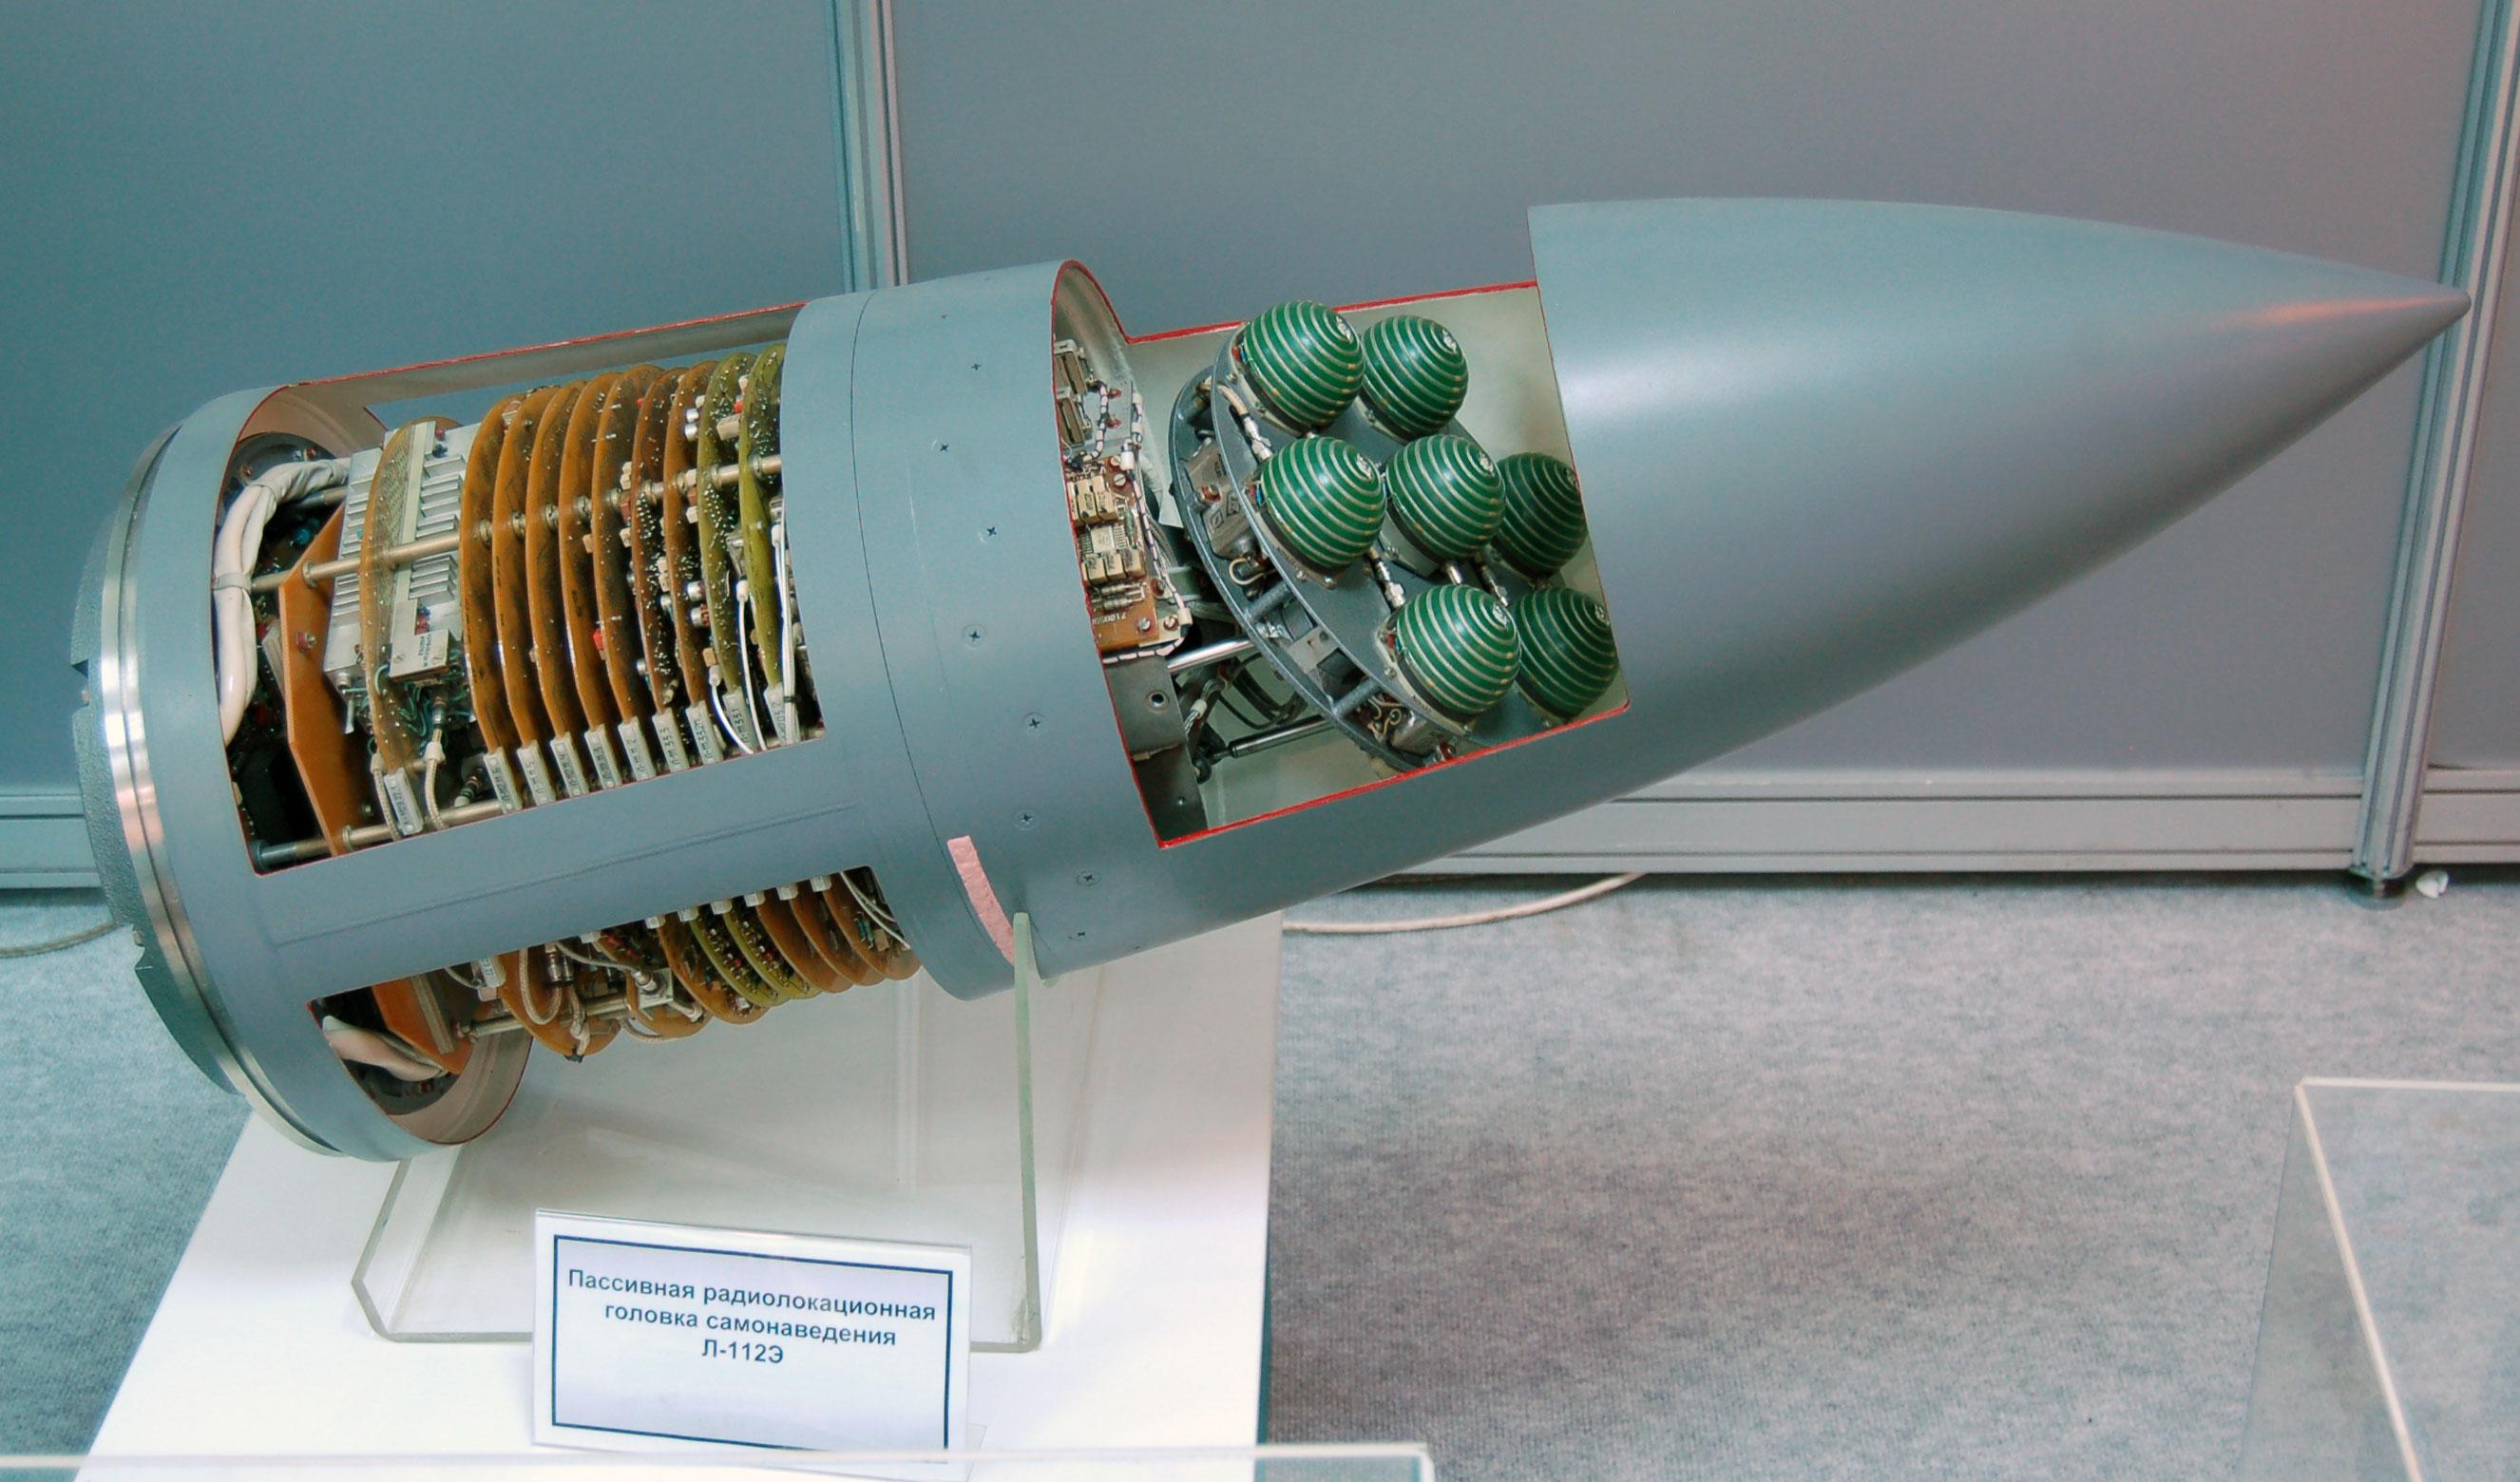 https://upload.wikimedia.org/wikipedia/commons/d/d8/Seeker_of_Kh-31_missile.jpg